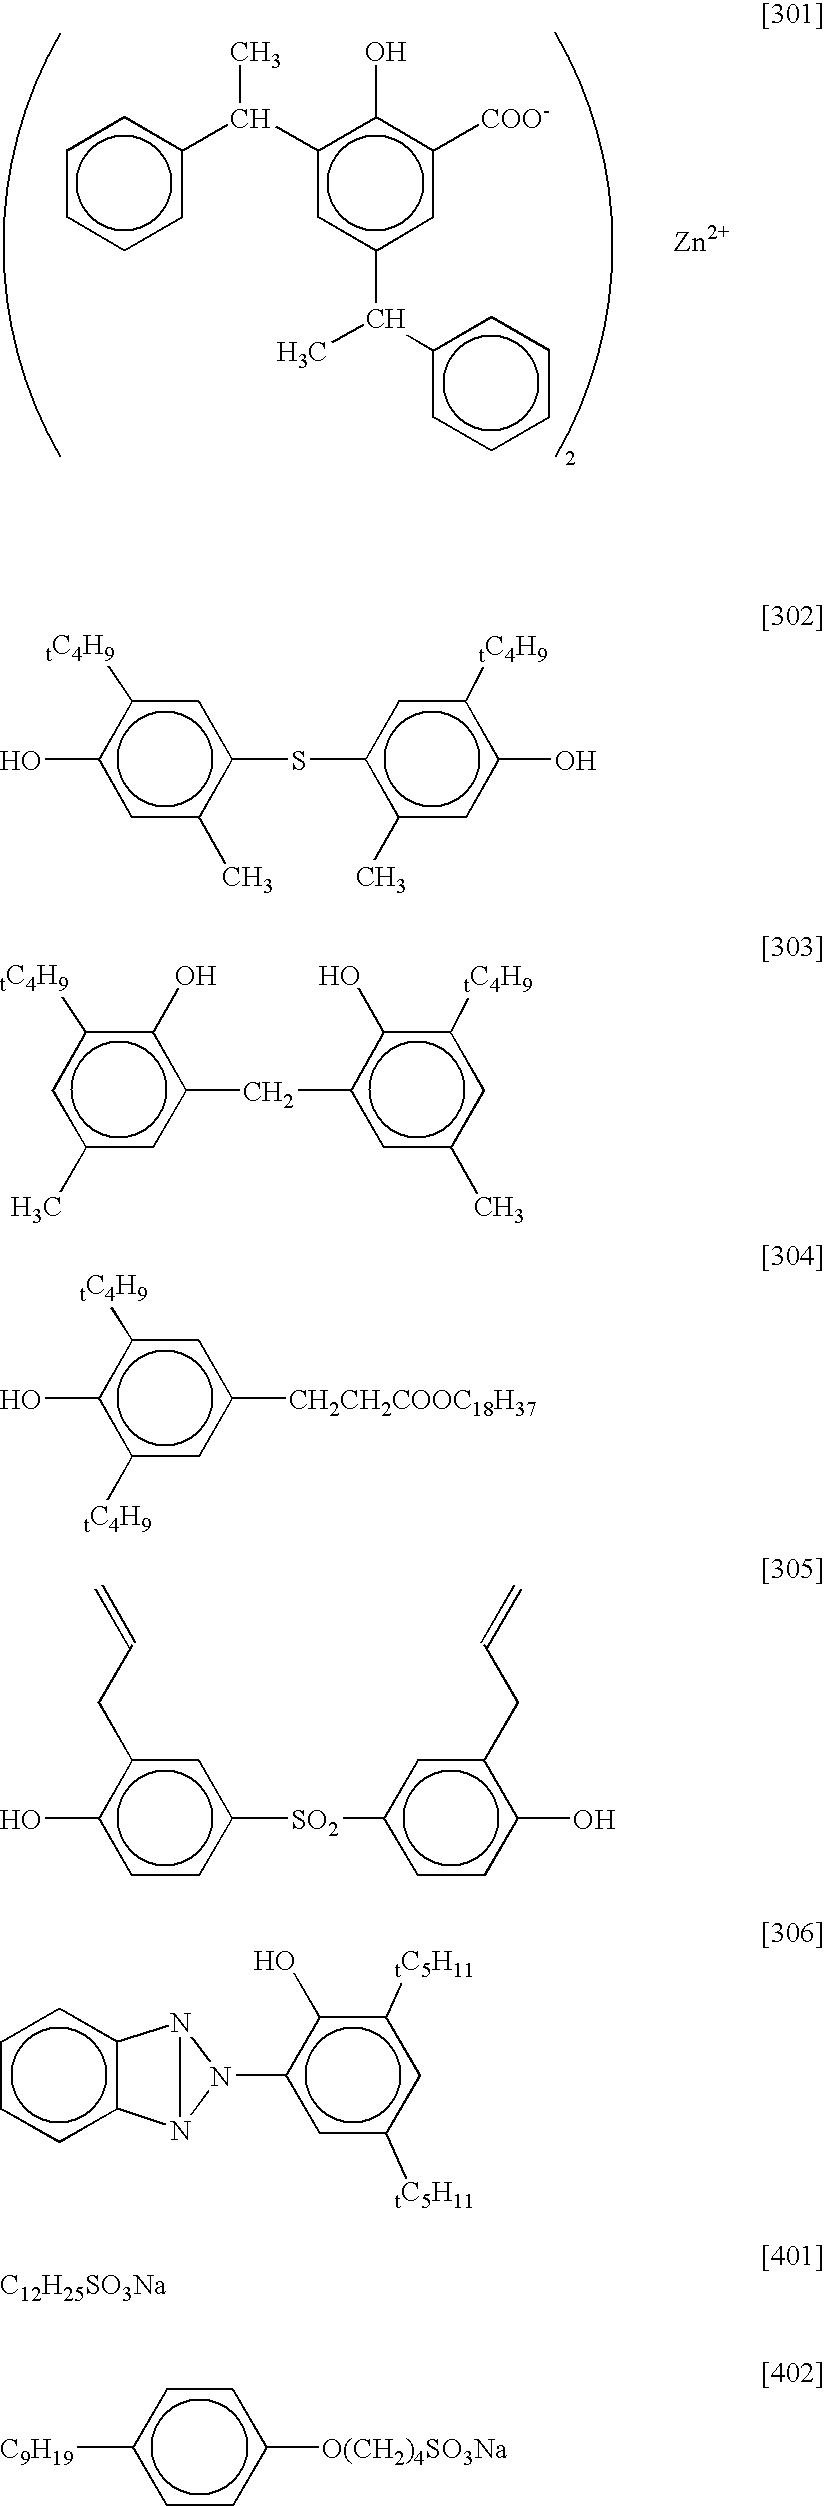 Figure US07410744-20080812-C00003